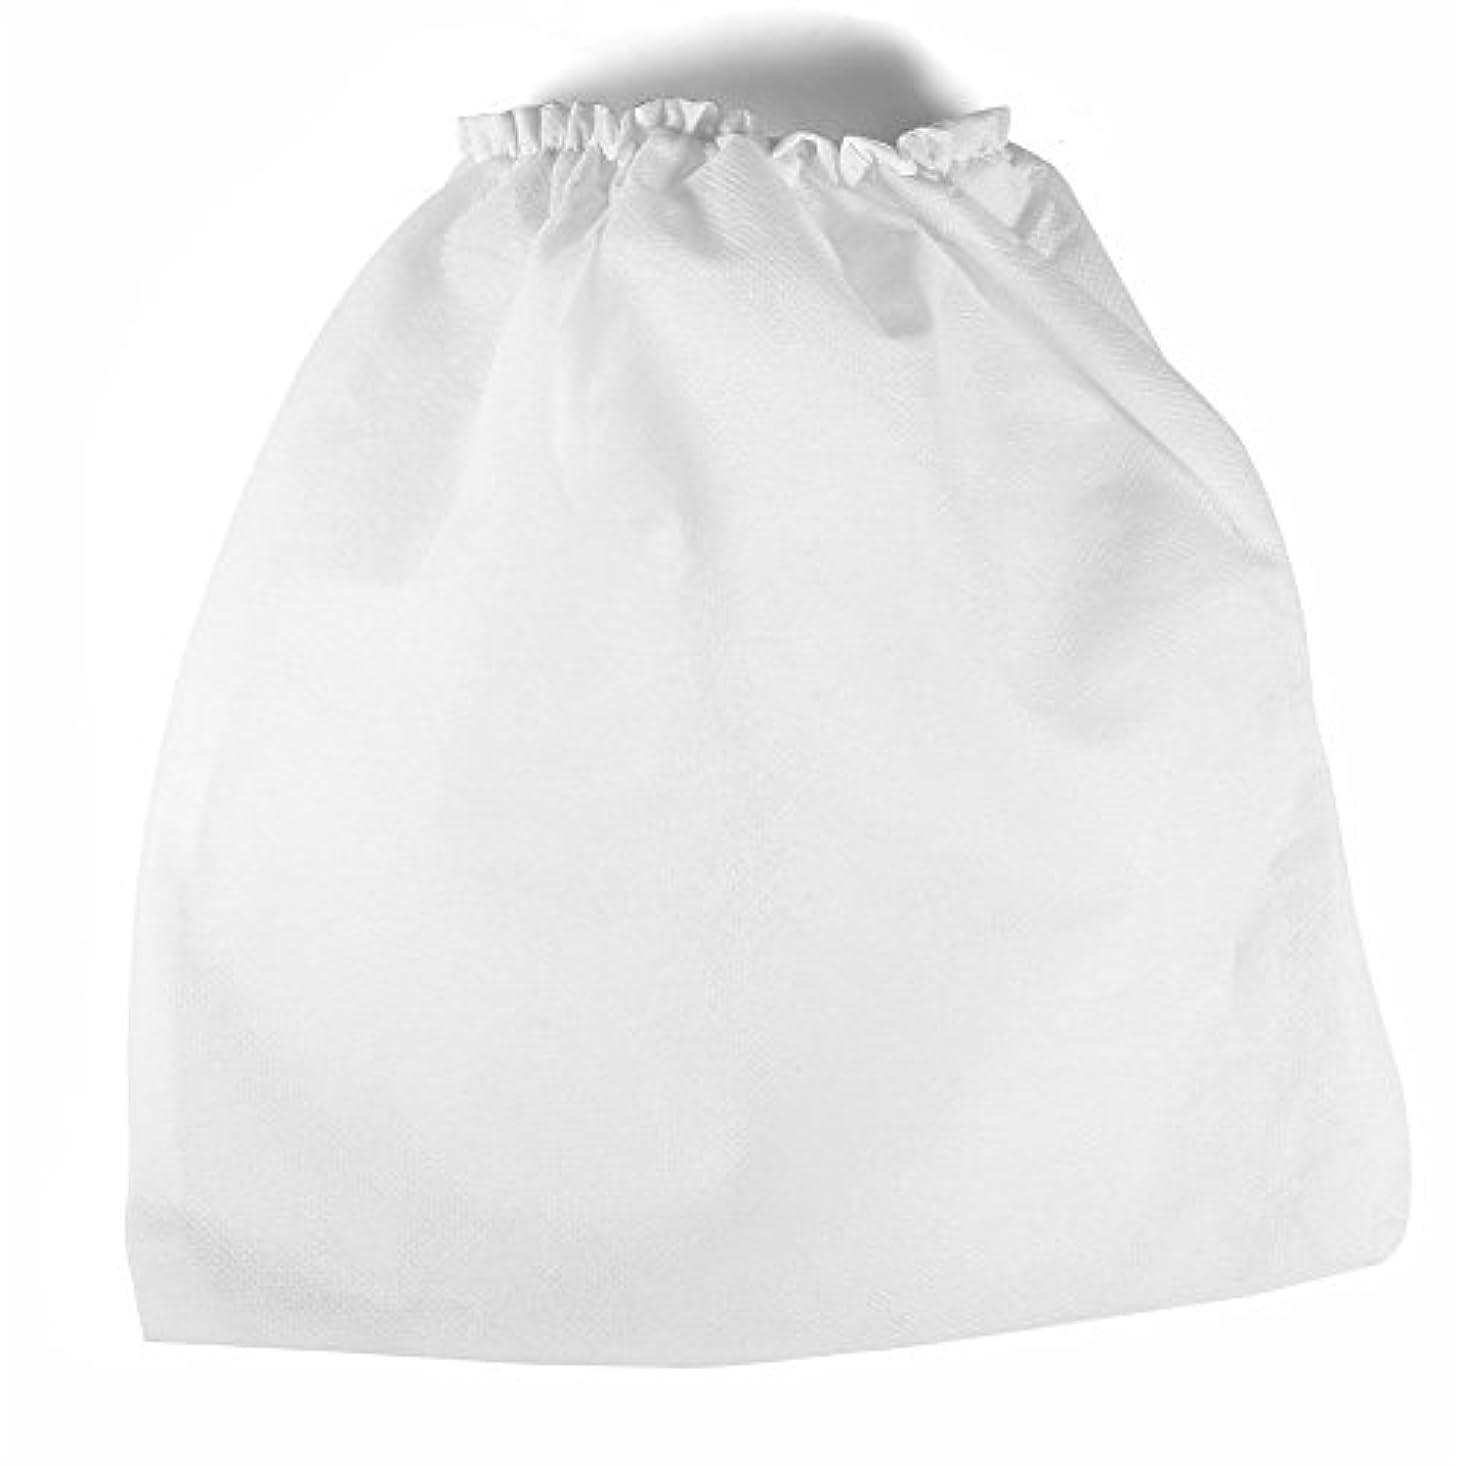 モール無実小麦粉ネイル不織布掃除機 ストコレクター ネイルのほこりを吸って 収集袋10枚